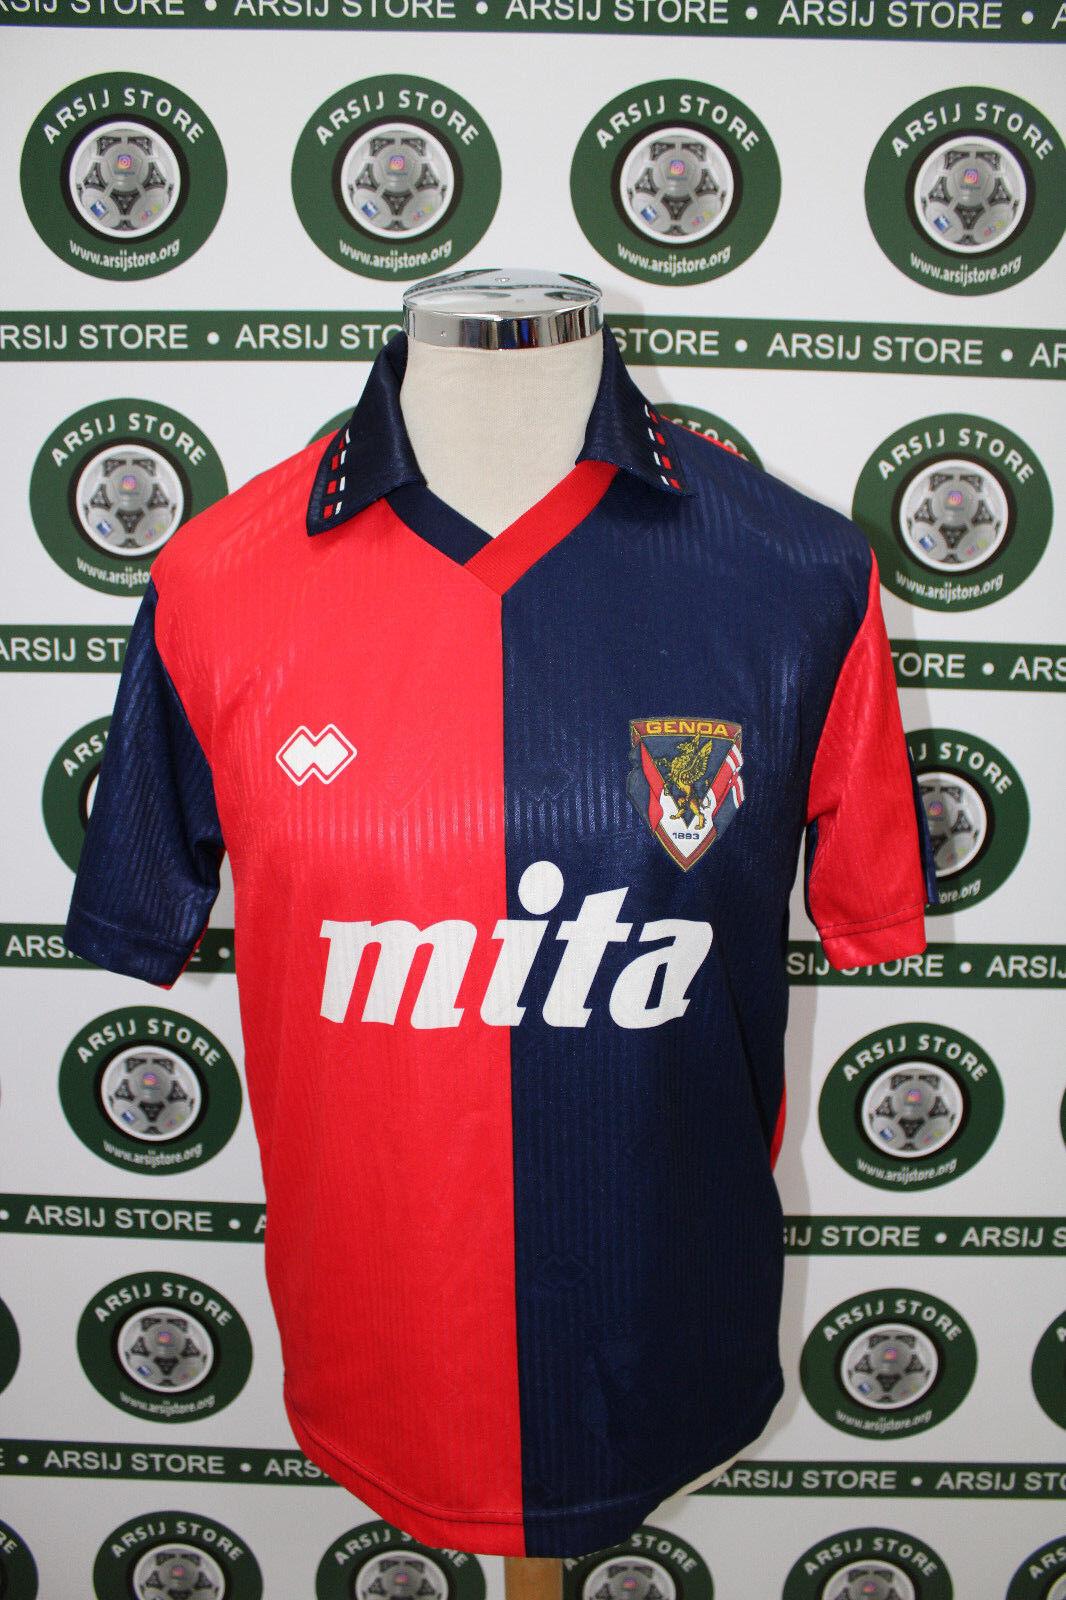 Maglia calcio shirt maillot trikot camiseta GENOA SKUHRAVY TG M 91 92 NO RIPRO